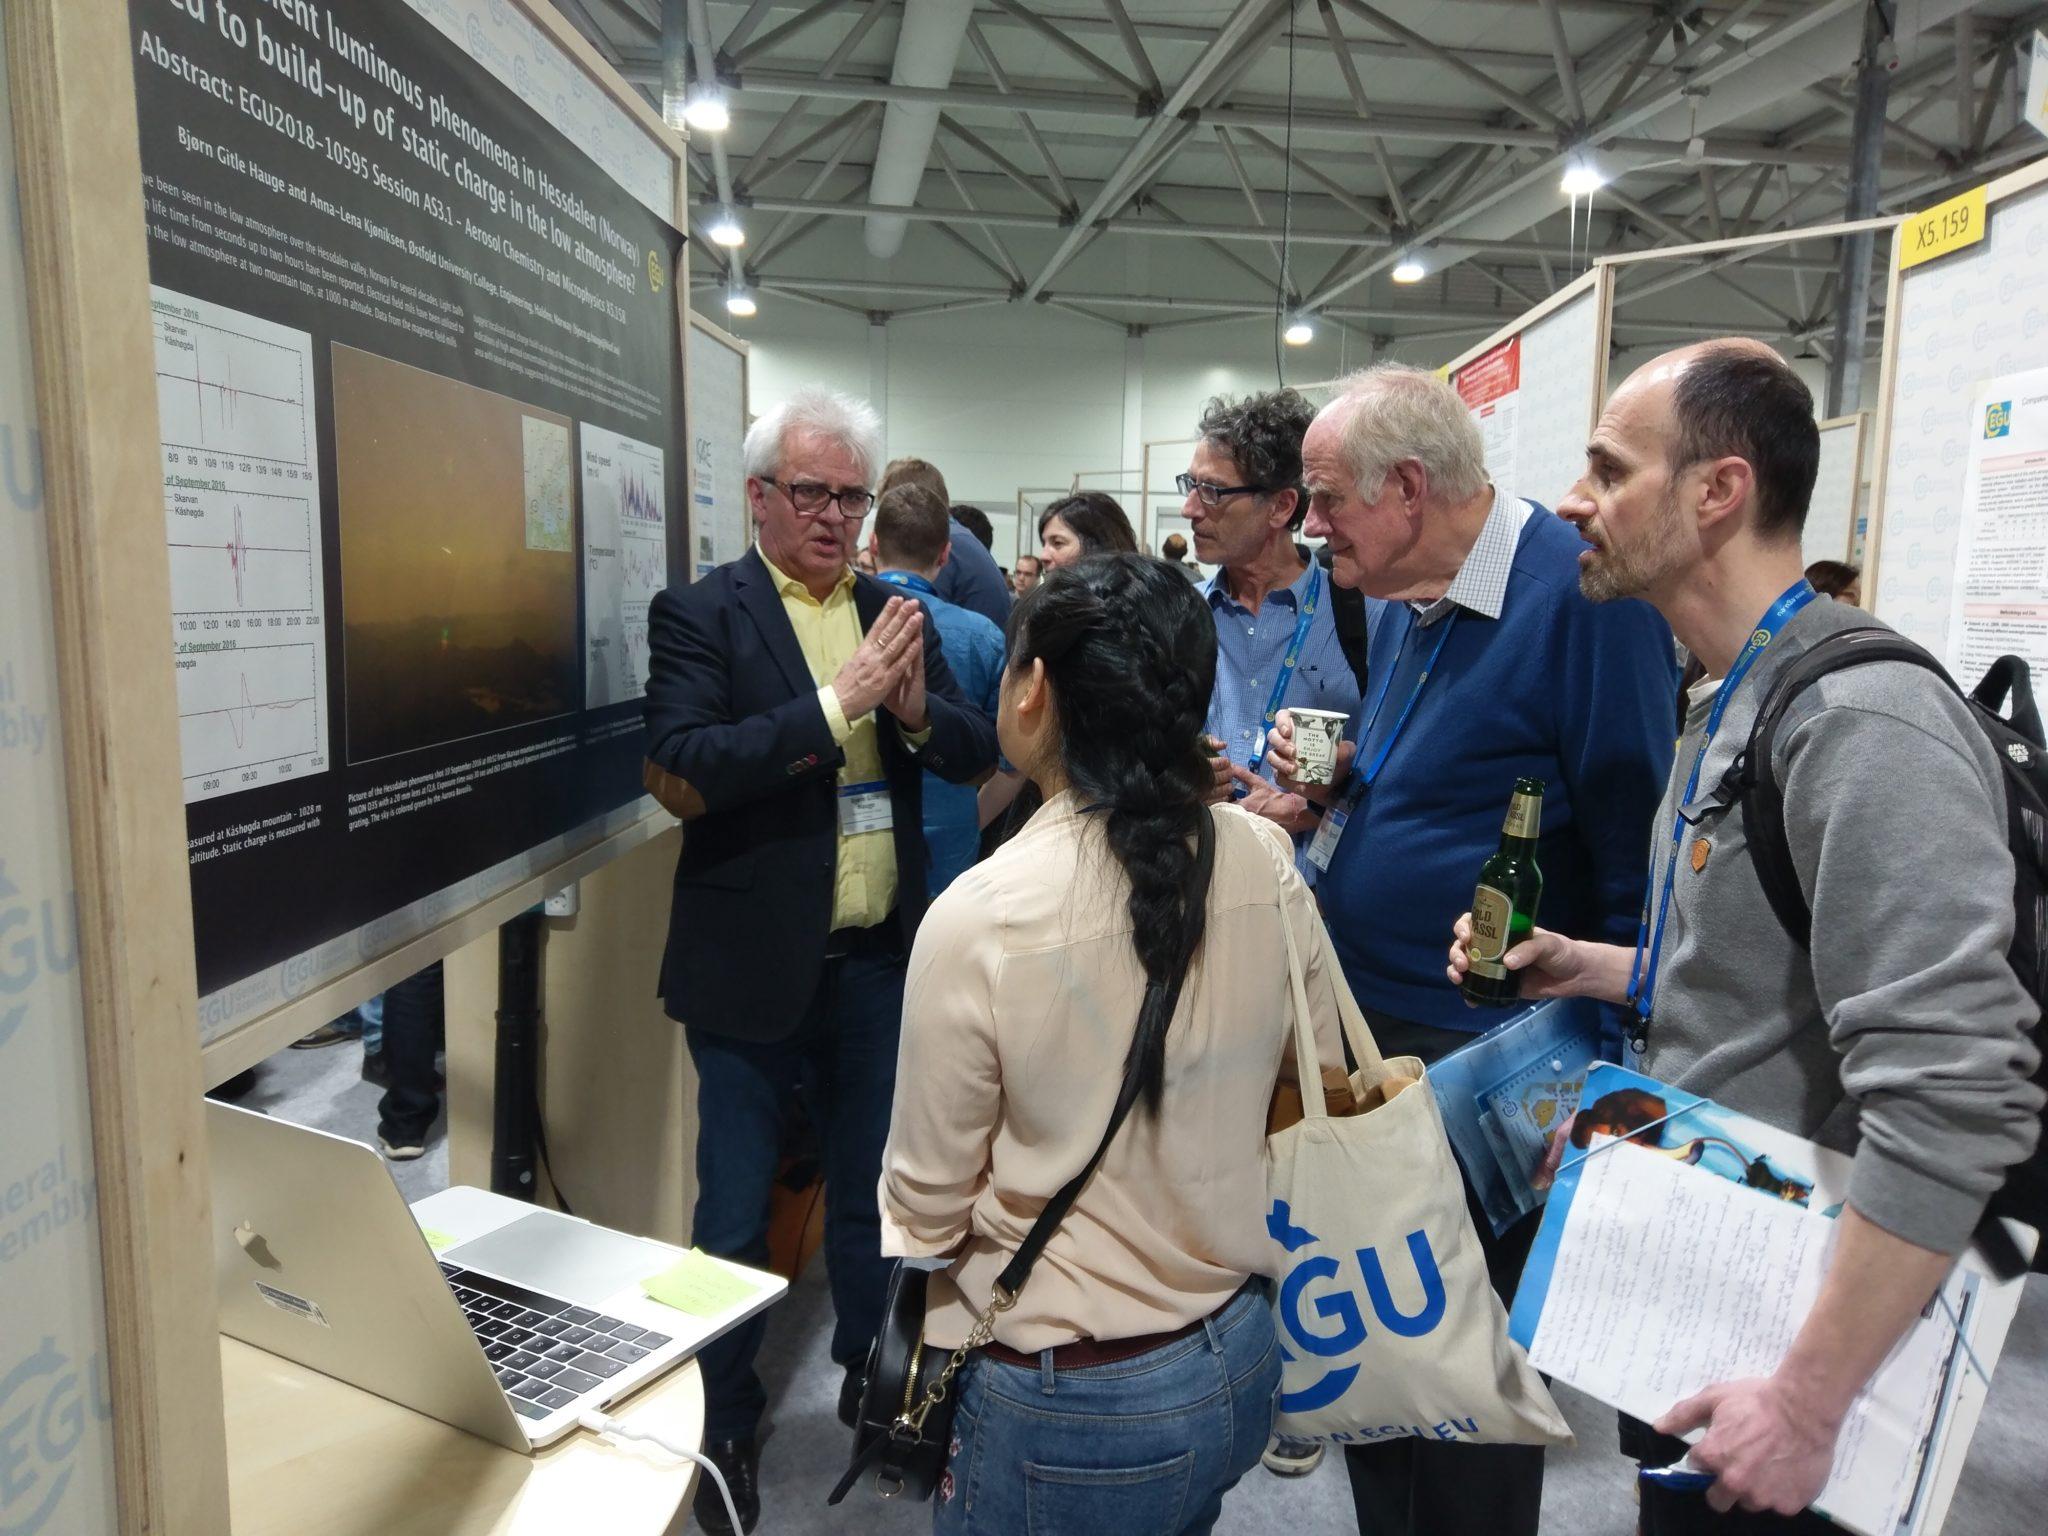 Bjørn Gitle Hauge stellt seine Forschungsergebnisse zum Hessdalen-Phänomen am Kongress der European Geosciences Union vor.